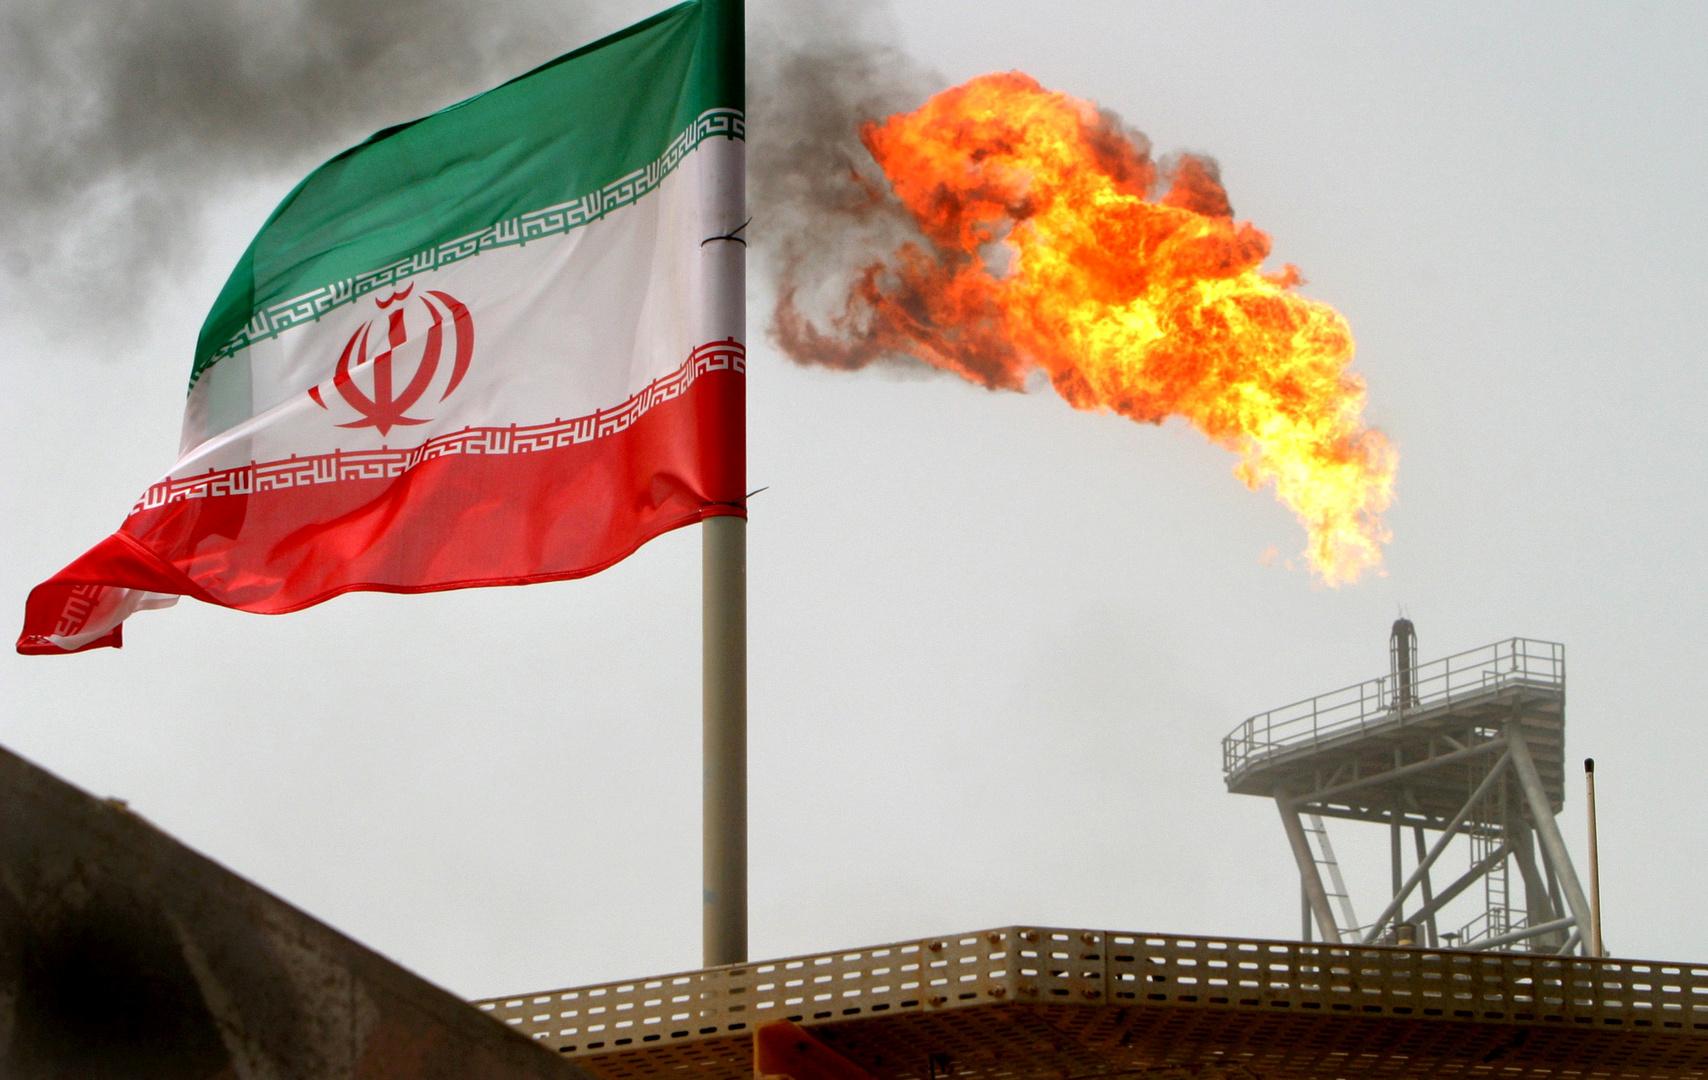 إيران تدعو للحوار مع دول الجوار لحل الخلاف بخصوص حقول النفط والغاز المشتركة